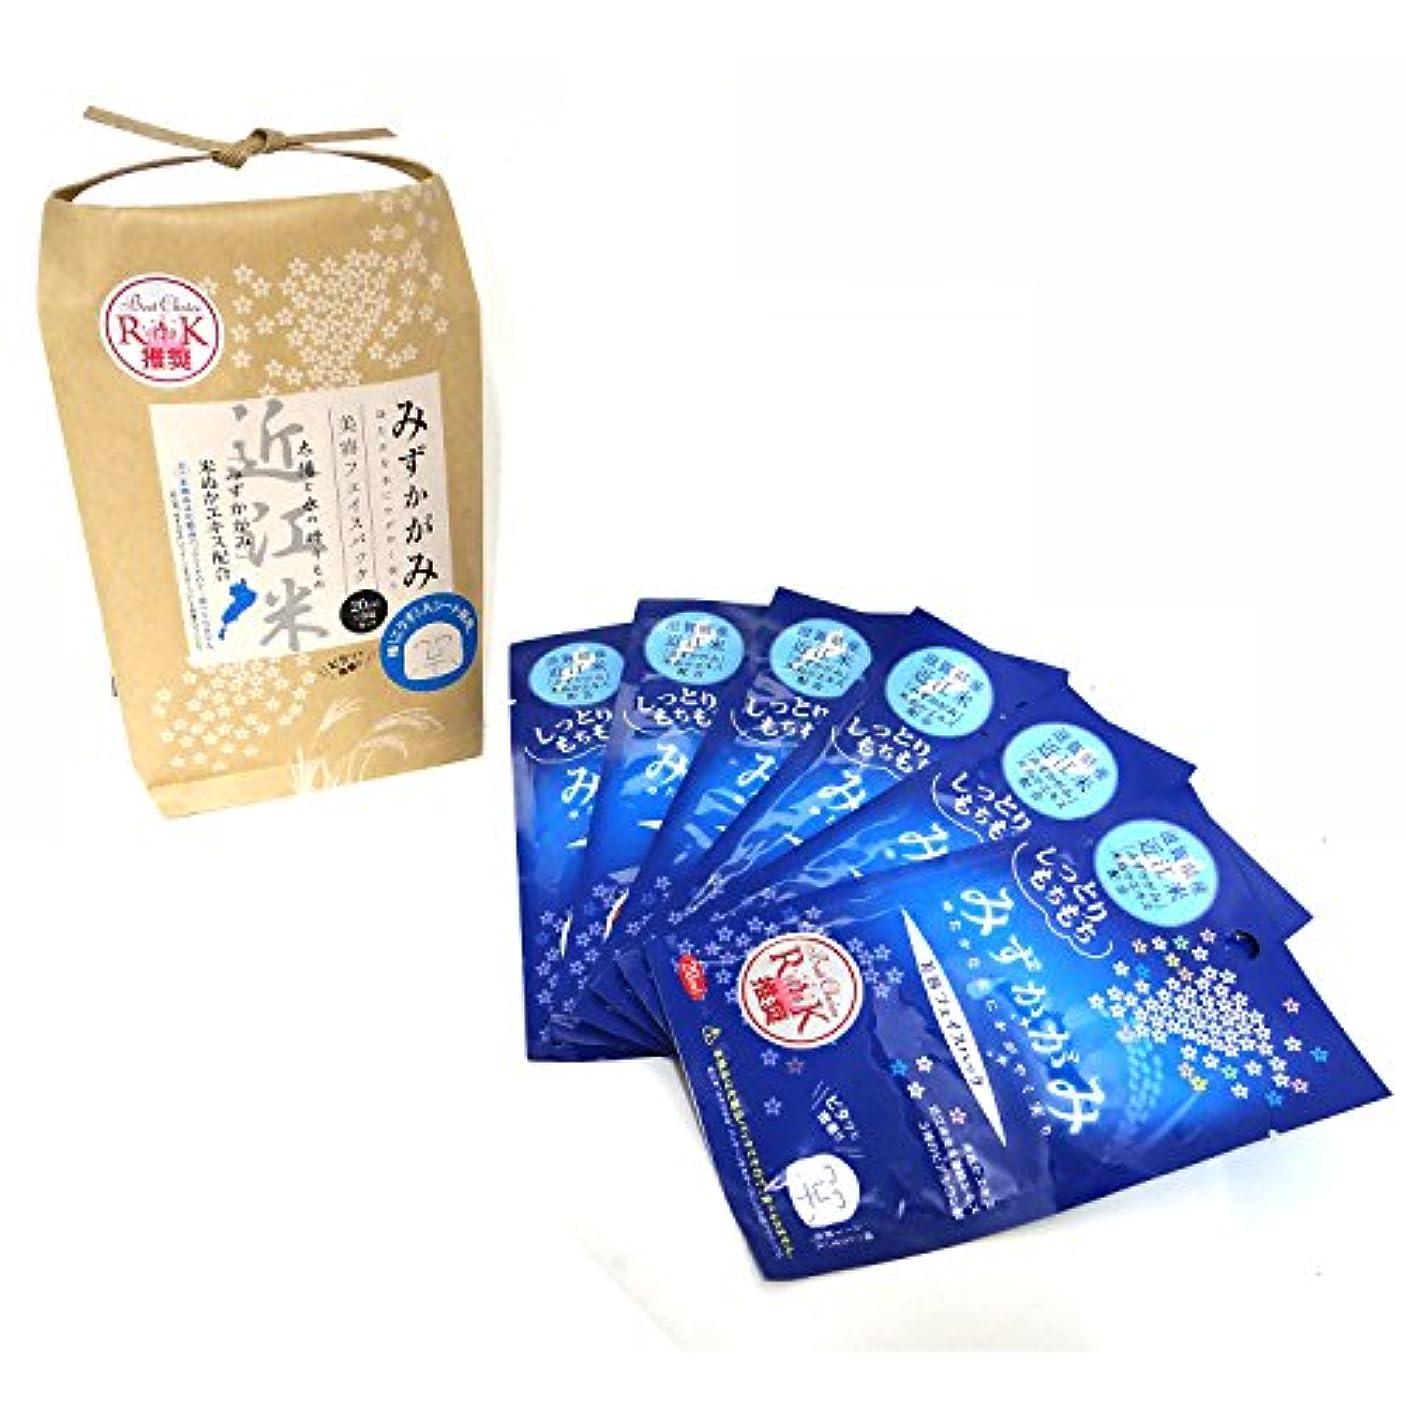 神経人事感謝祭みずかがみフェイスパック米袋6包セット20ml